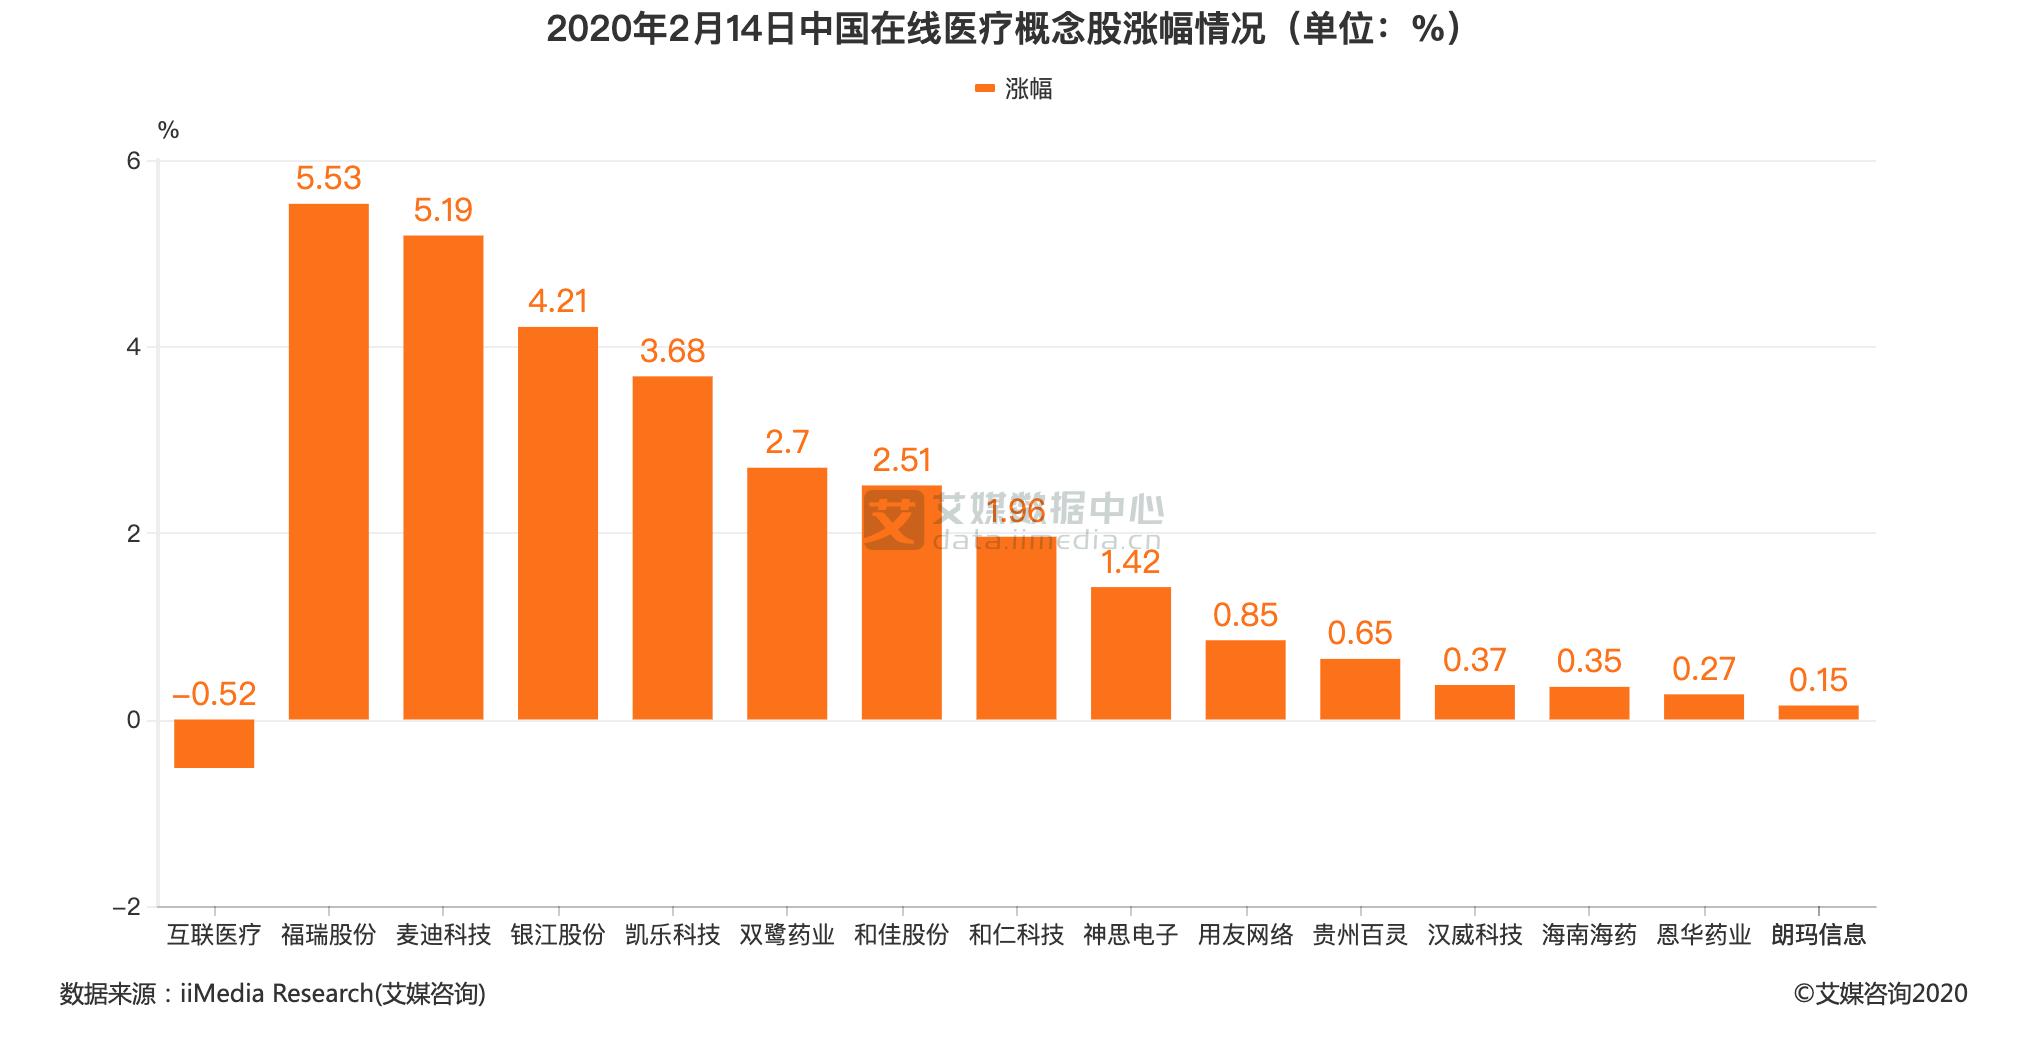 2020年2月14日中国在线医疗概念股涨幅情况(单位:%)